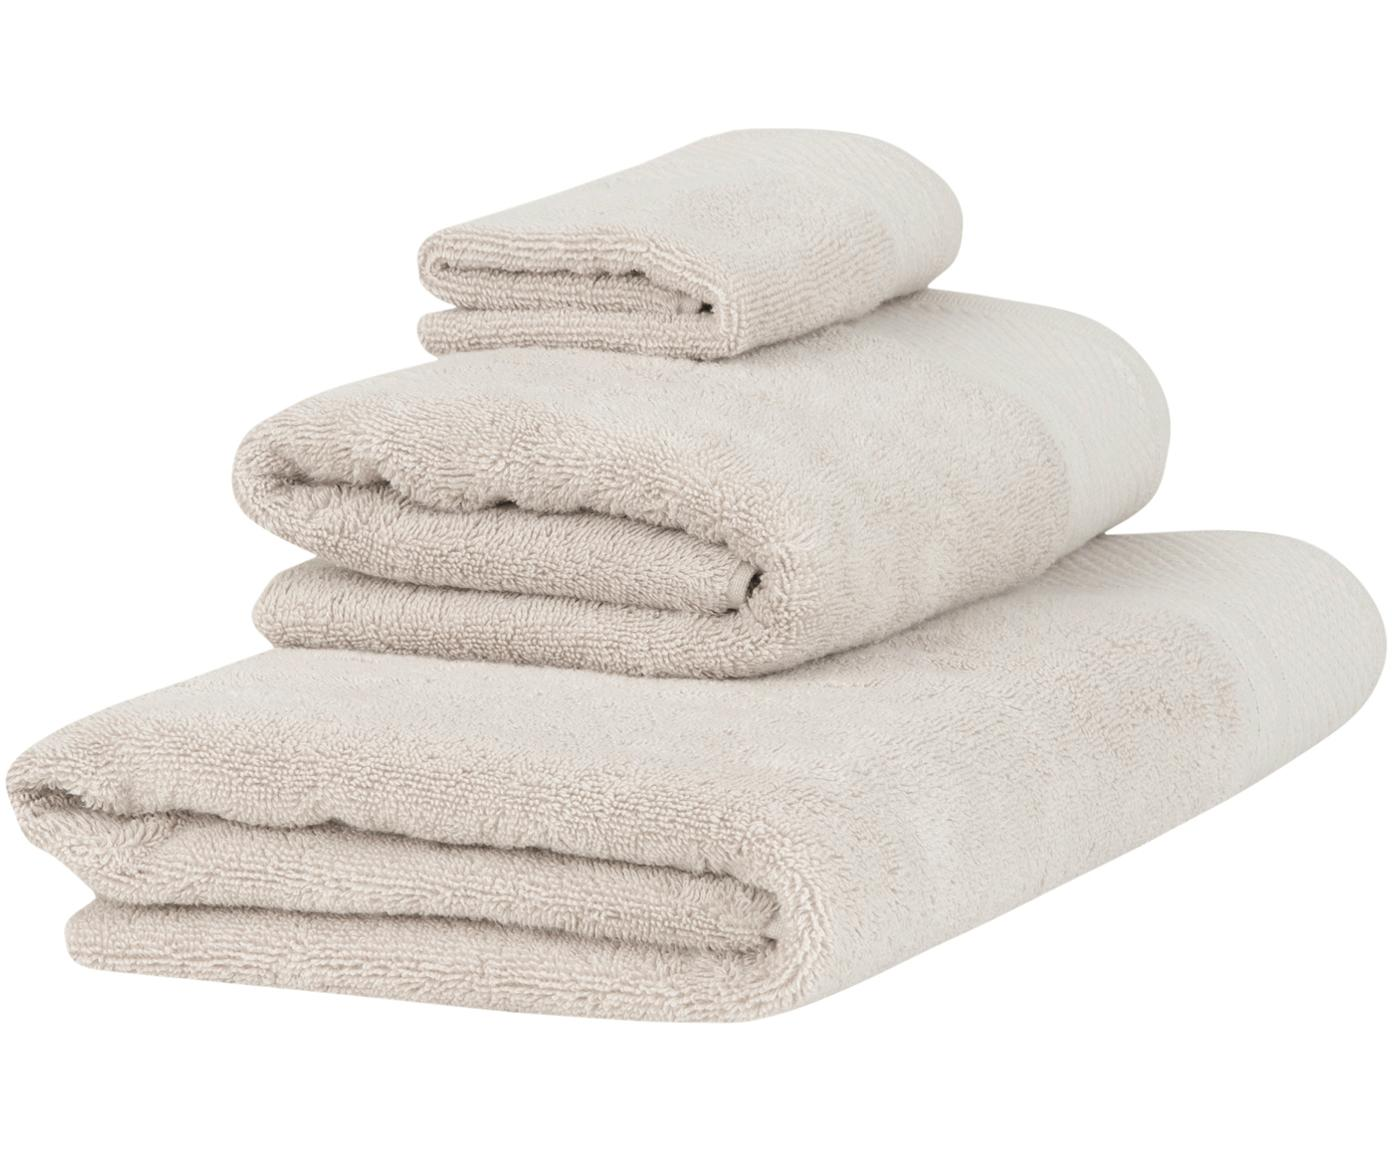 Set de toallas con cenefa clásica Premium, 3pzas., Beige, Tamaños diferentes